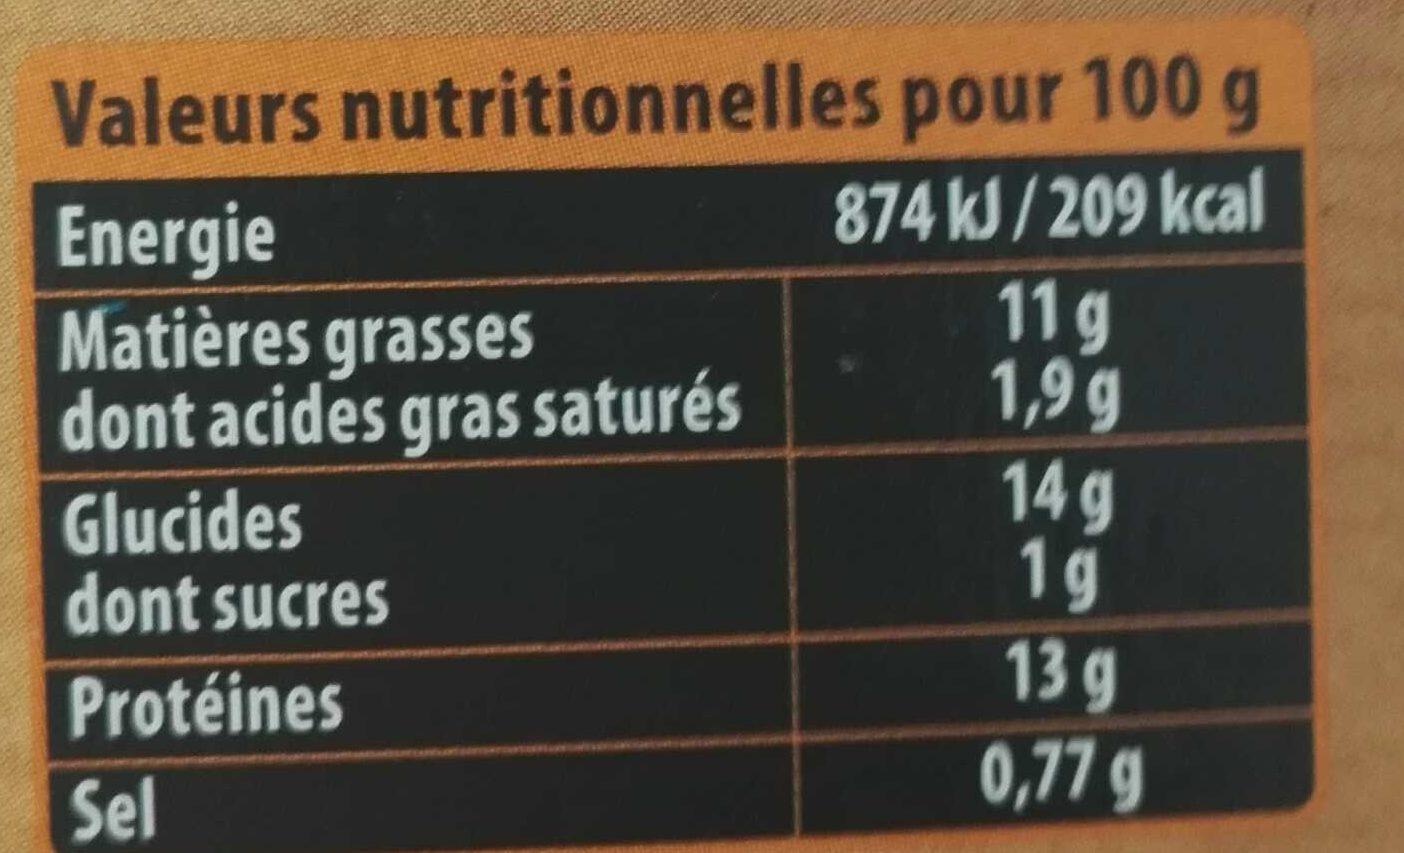 Nuggets aux filets de poulet -25% de sel - Informations nutritionnelles